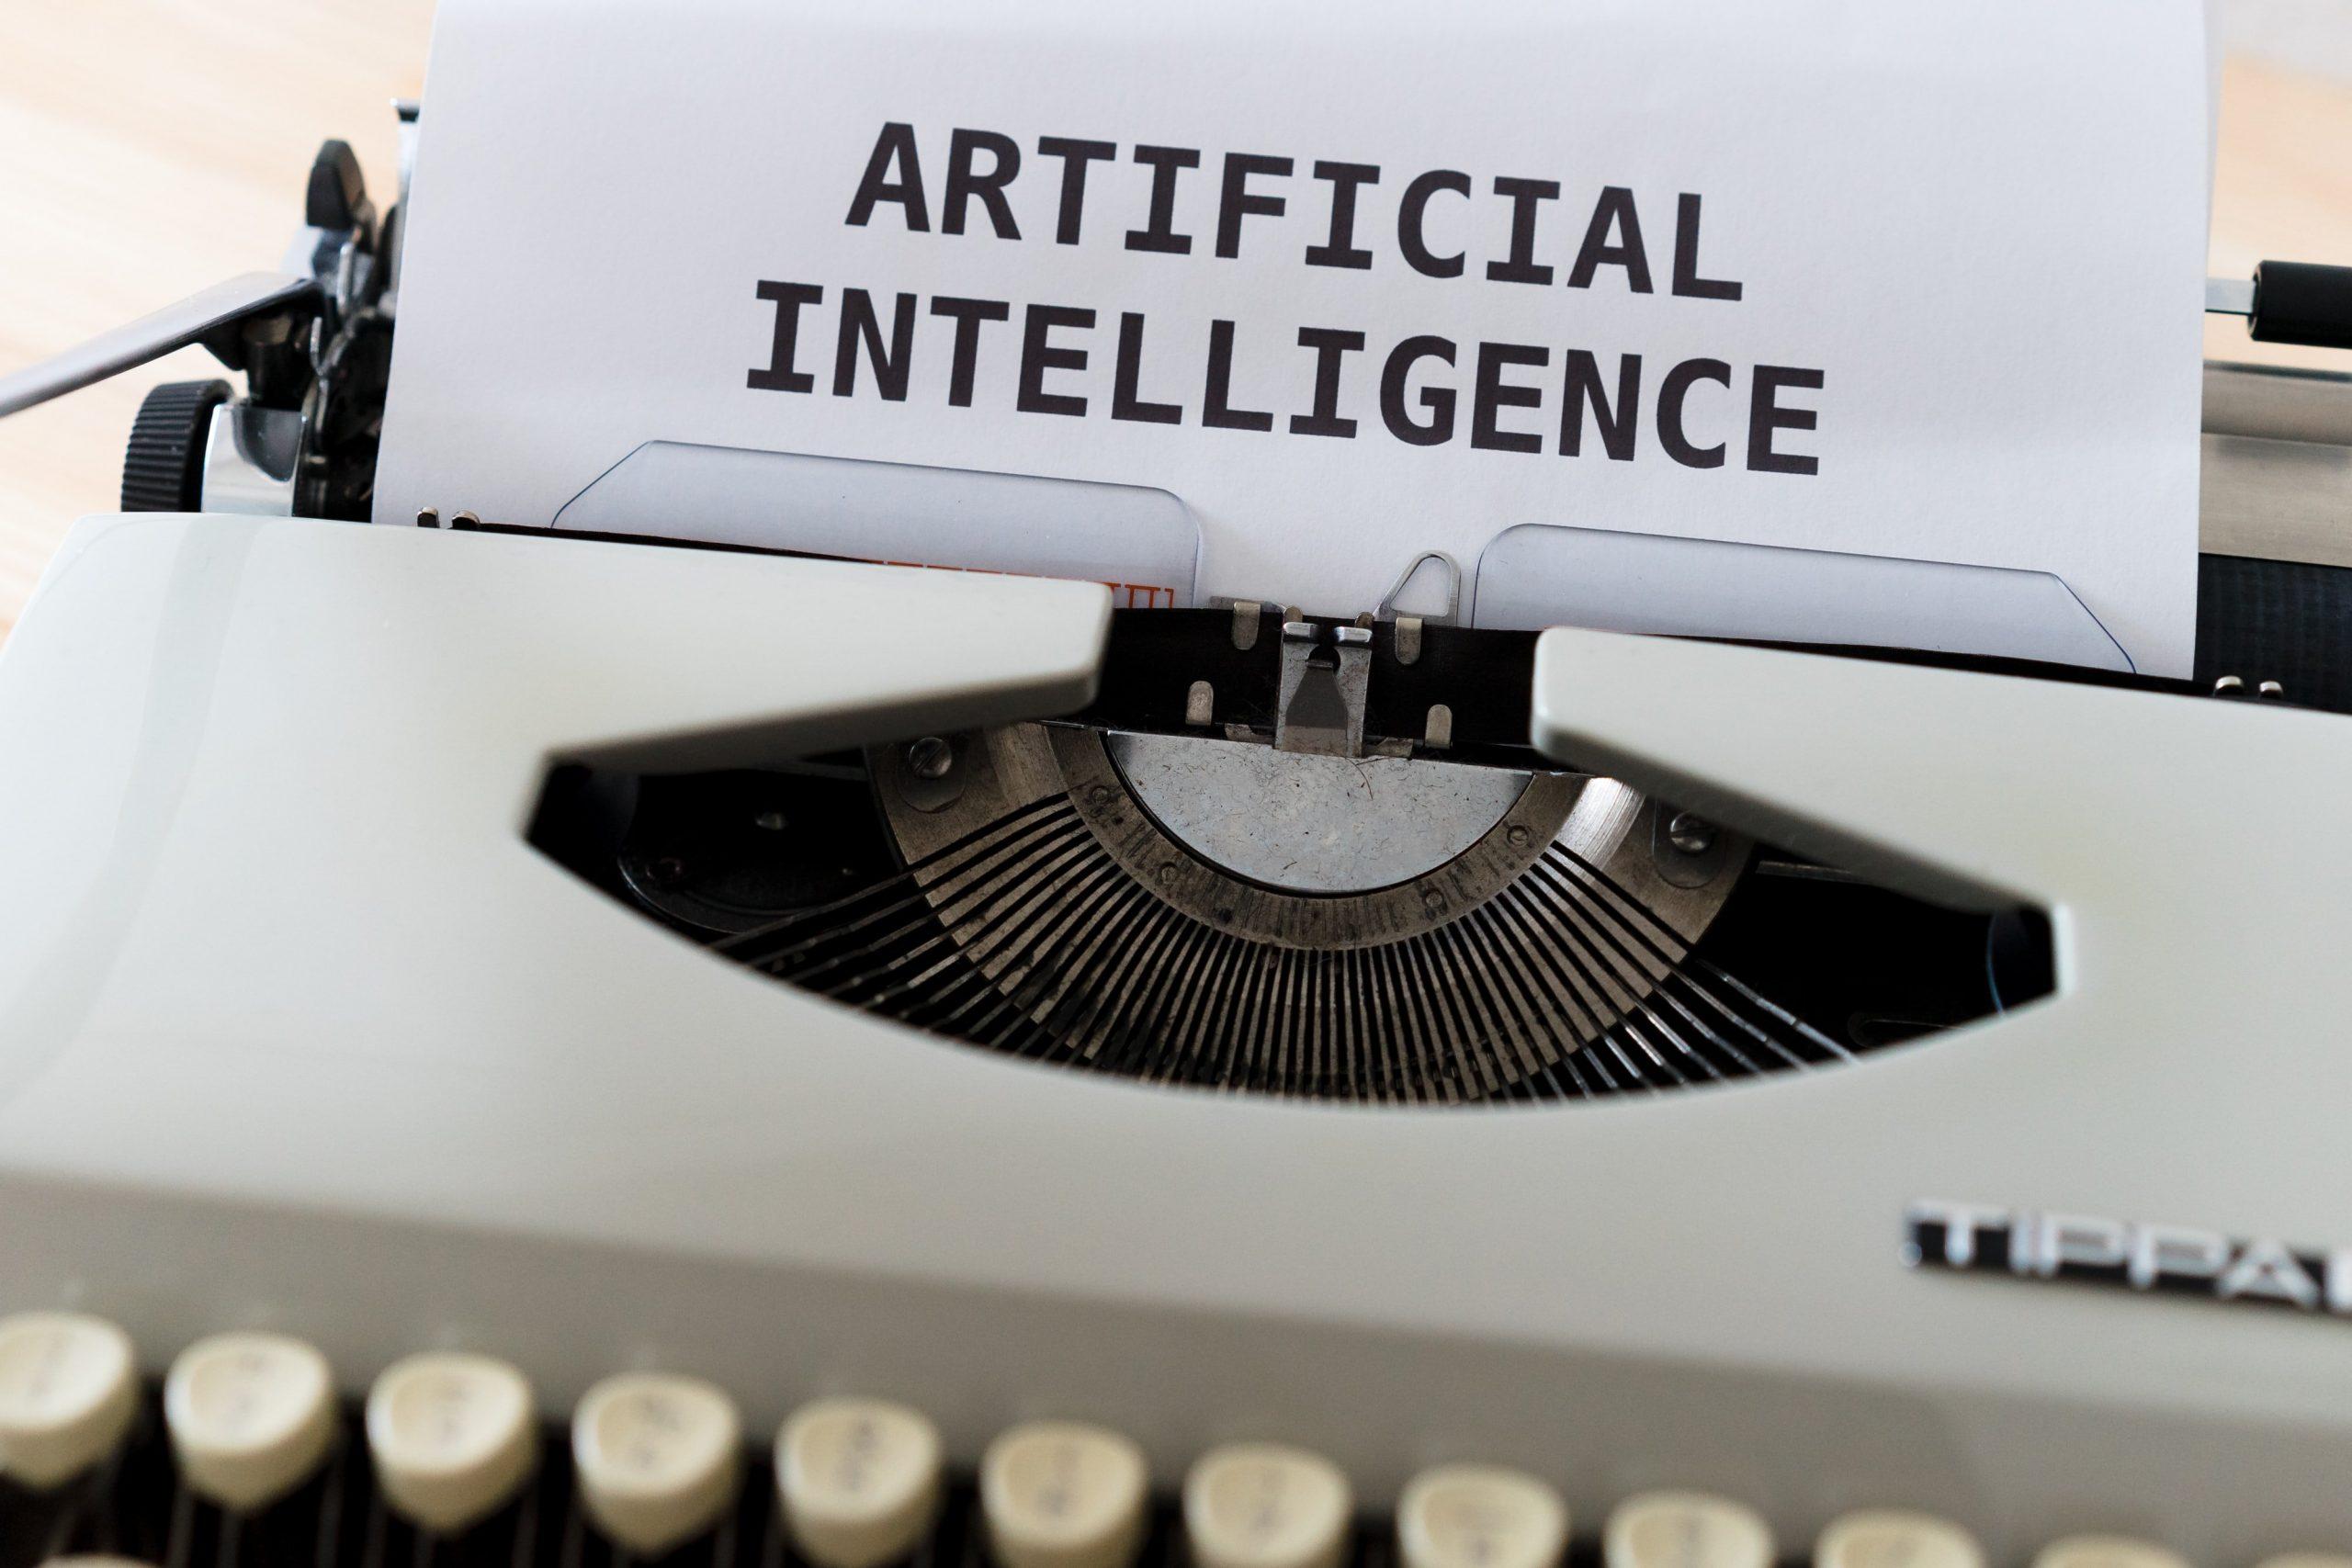 les robots d'intelligence artificielle vont écrire à notre place :)